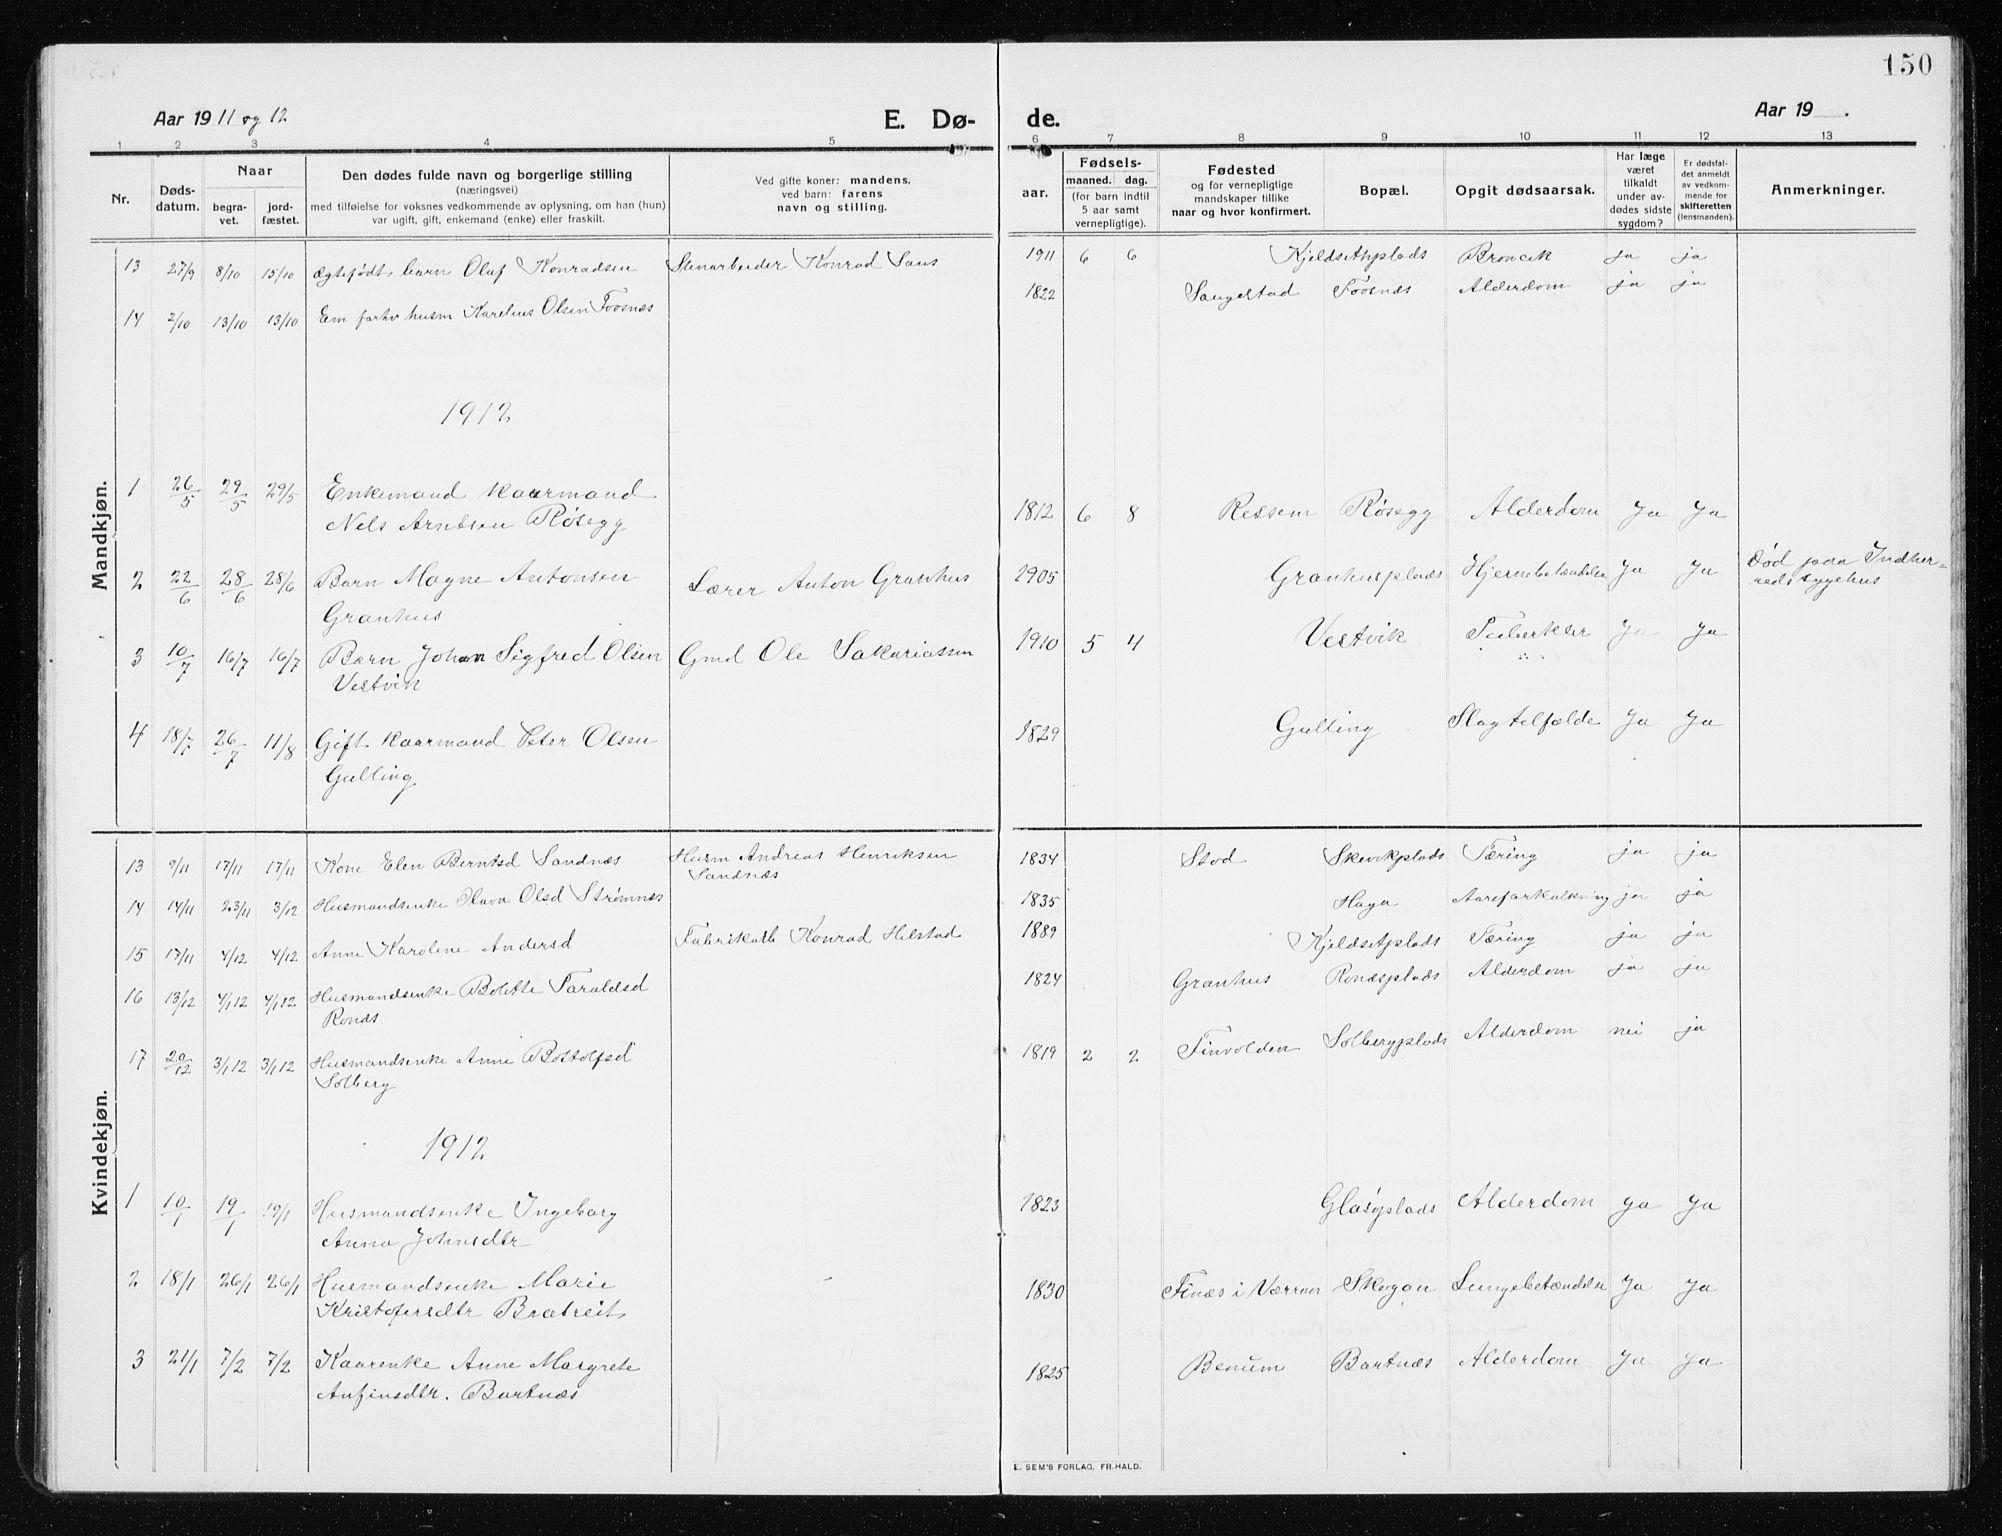 SAT, Ministerialprotokoller, klokkerbøker og fødselsregistre - Nord-Trøndelag, 741/L0402: Klokkerbok nr. 741C03, 1911-1926, s. 150